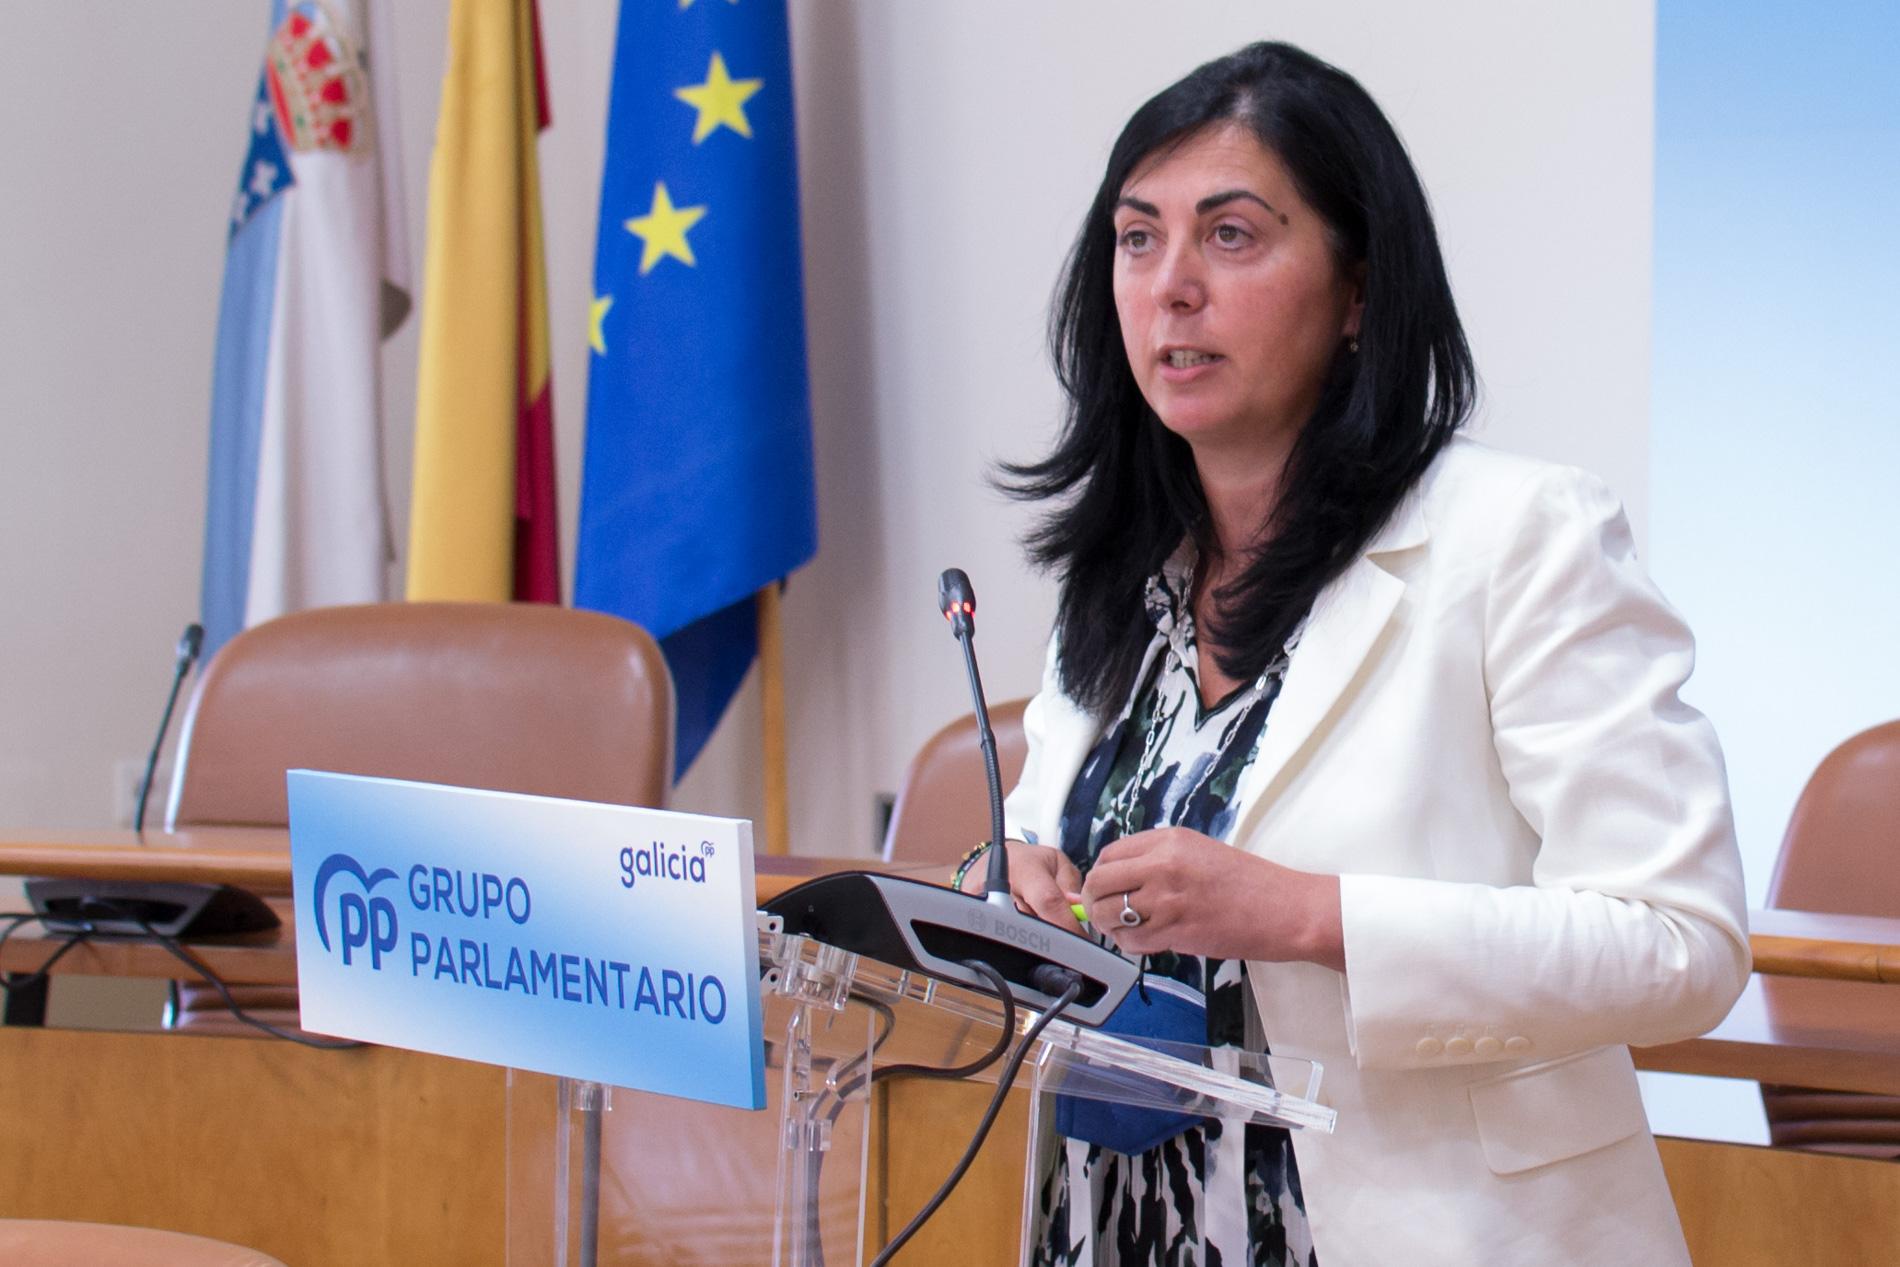 O Grupo Popular solicita o impulso á tecnoloxía 5G no rural galego e nas infraestruturas e polos estratéxicos da Comunidade